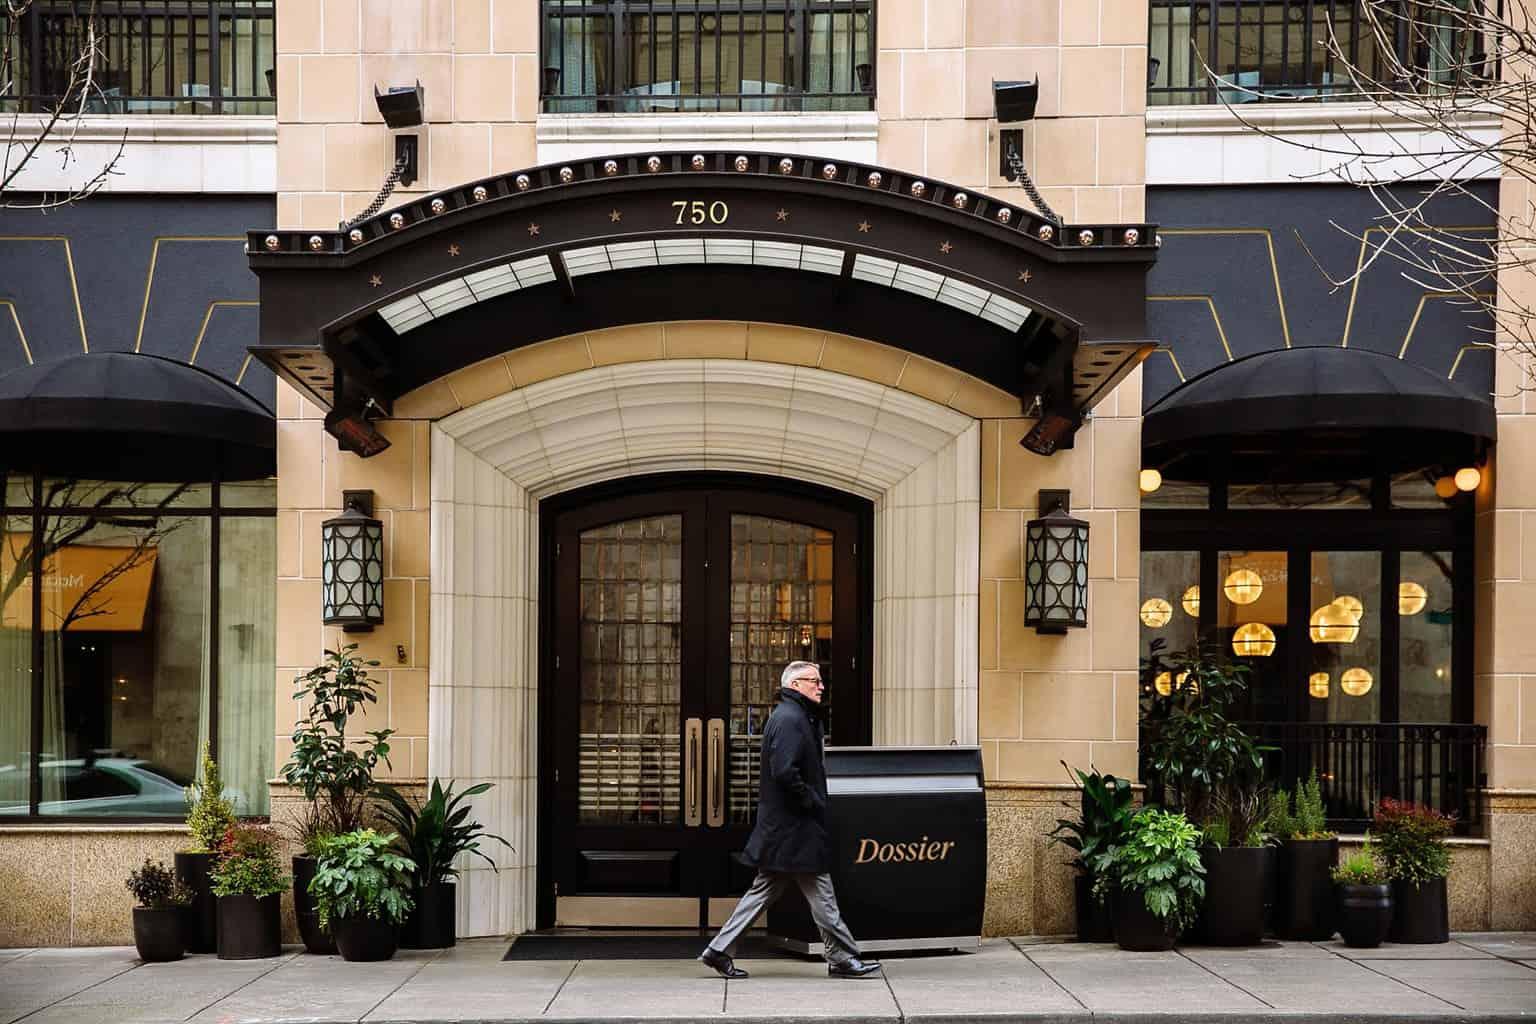 Dossier Hotel Portland Oregon